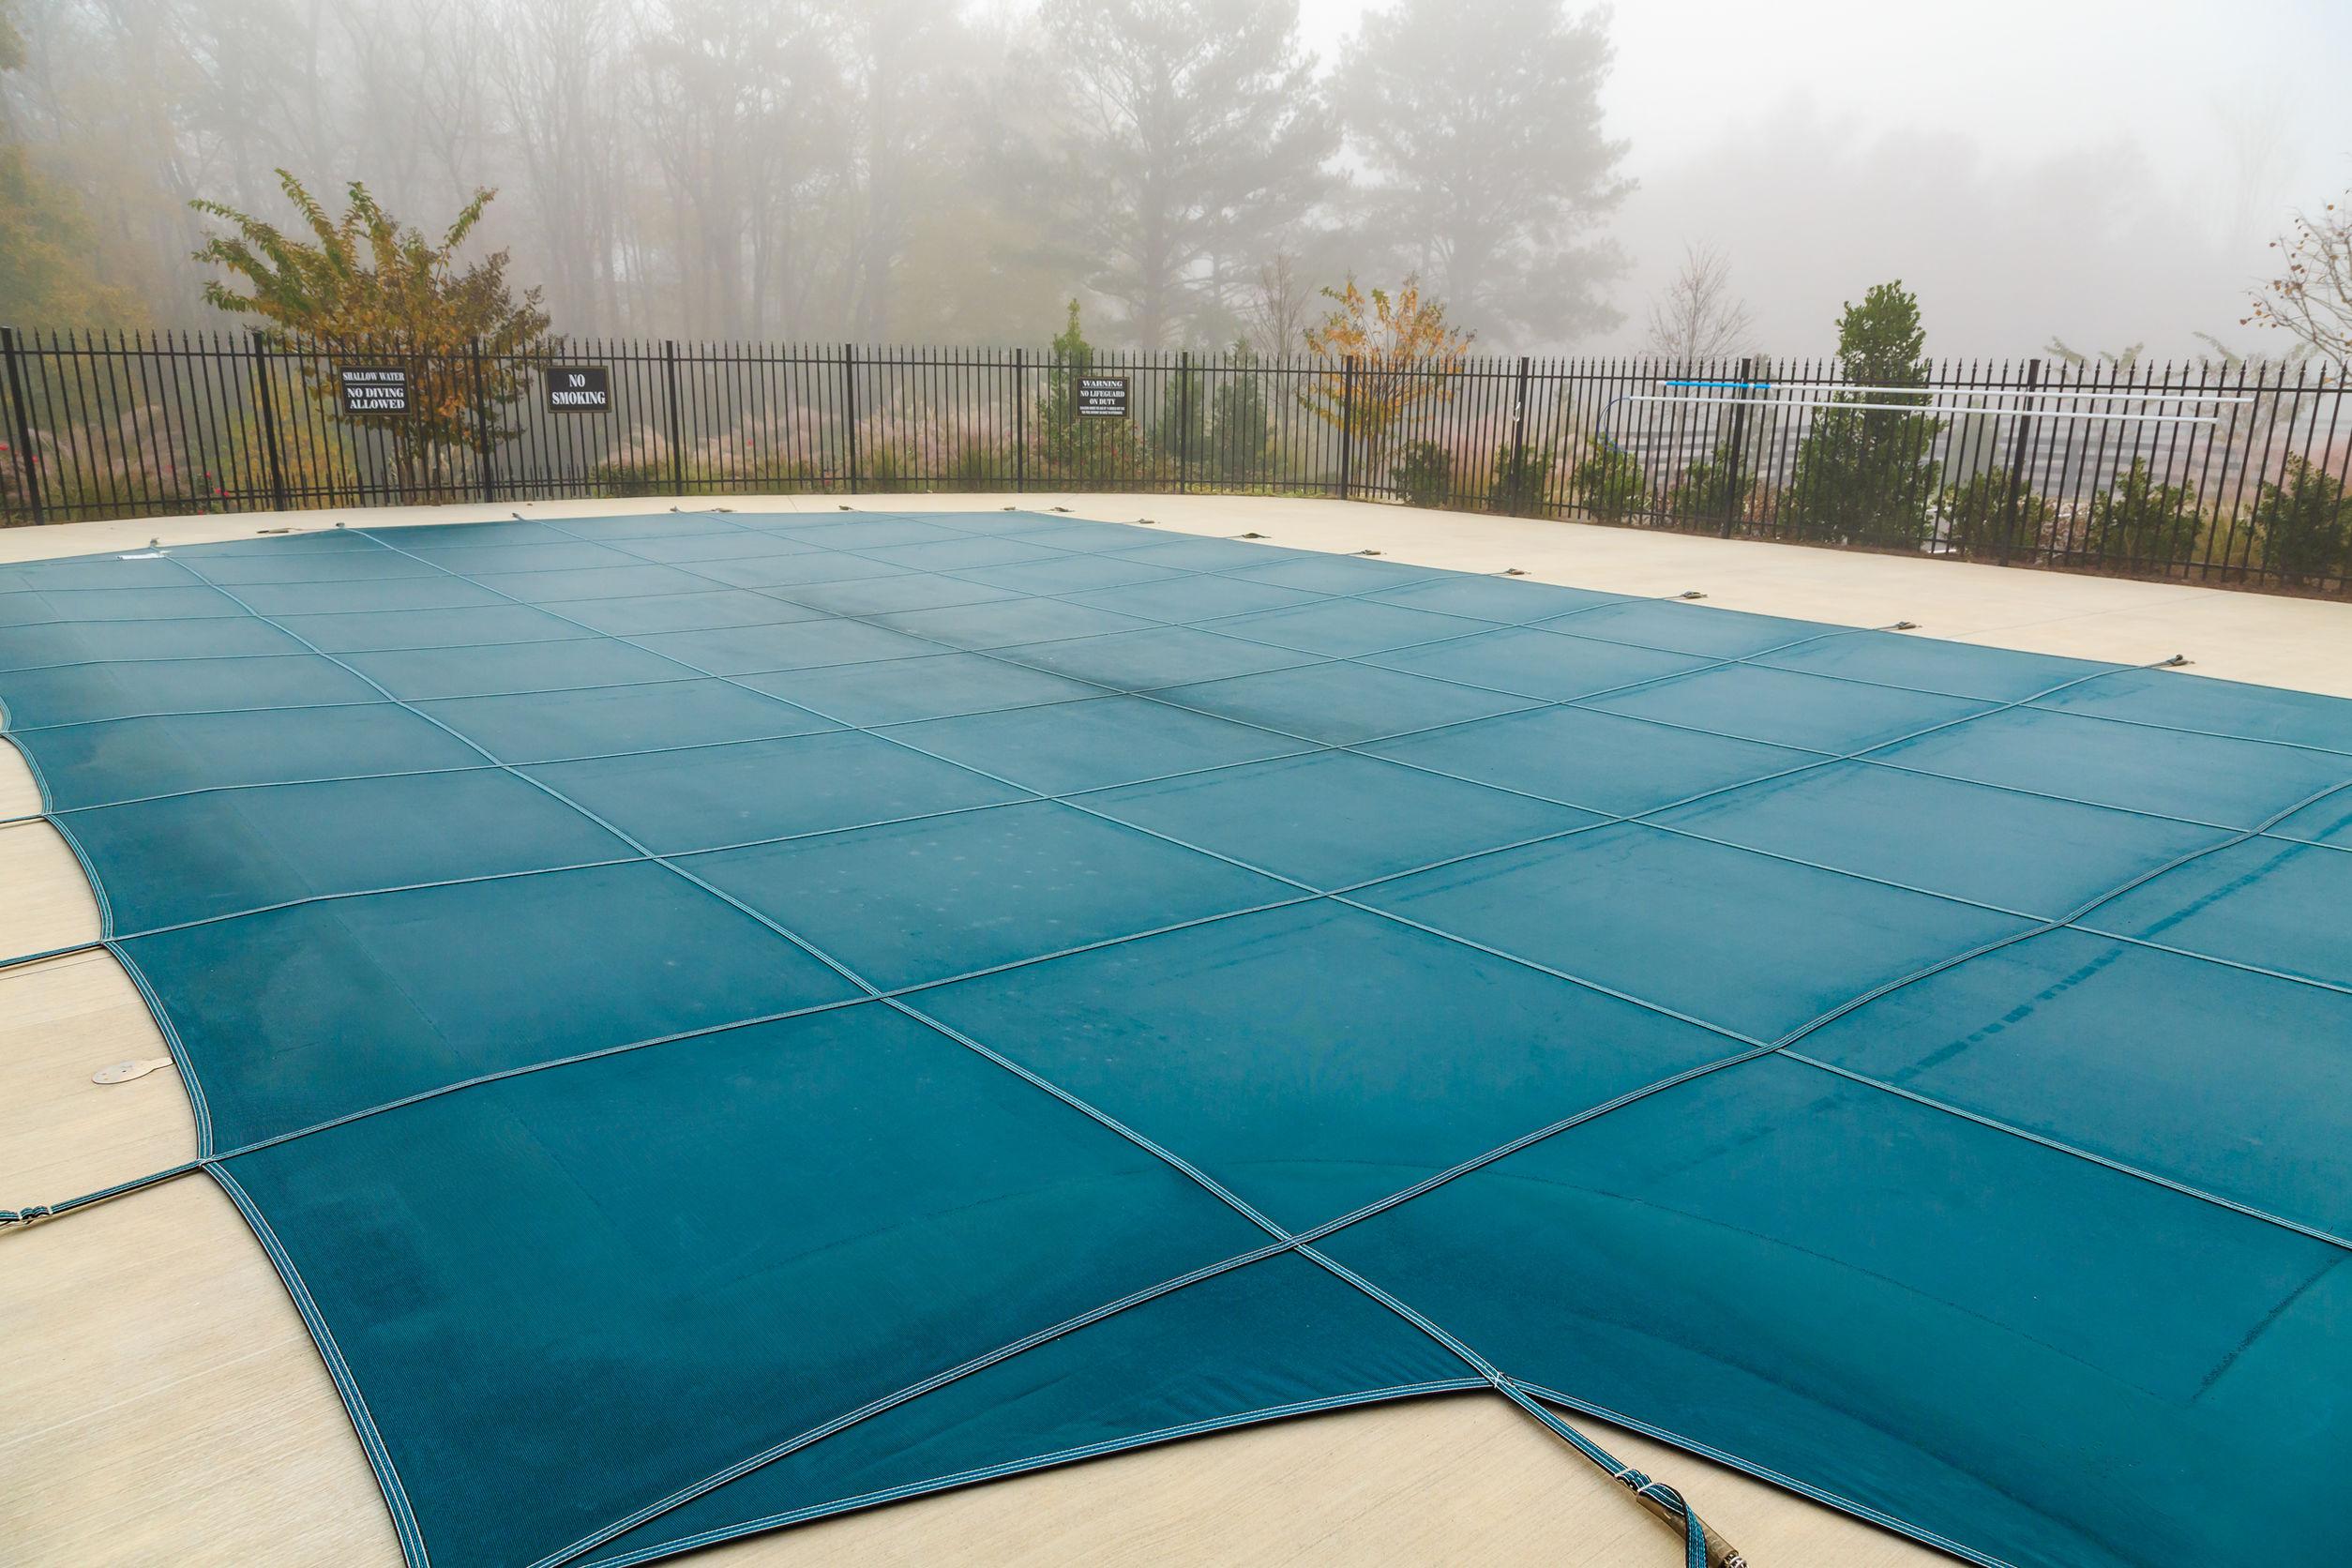 Ventajas e inconvenientes de las cubiertas de piscina